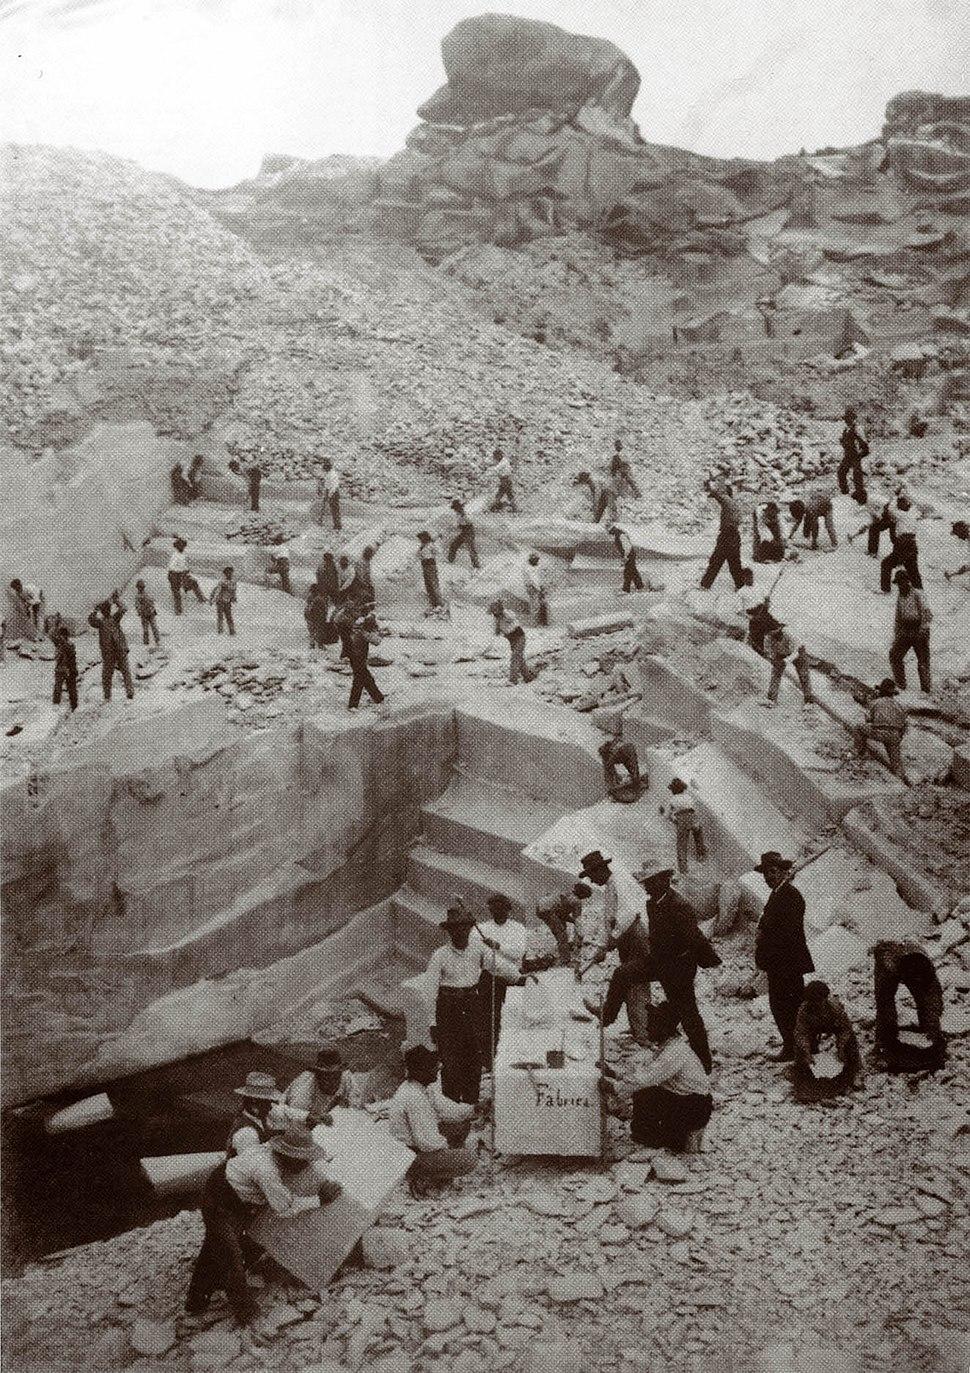 Canteras Bateig 1905